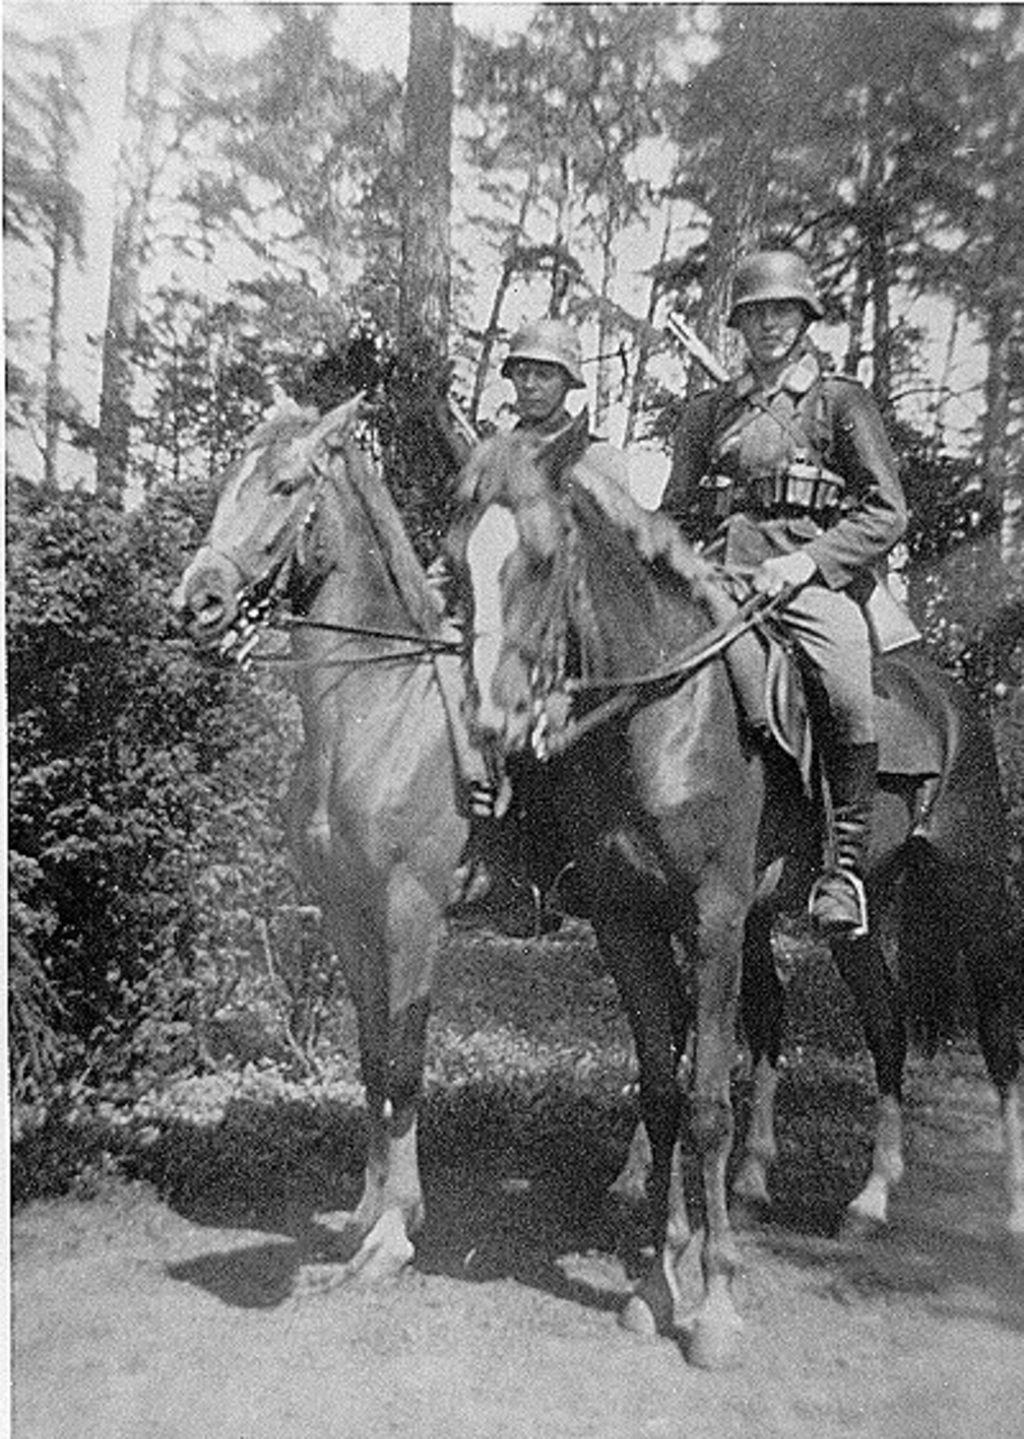 Lemo Zeitzeugen Friedrich Gerlach Meine Militarzeit Beim Reiterzug Carinhall